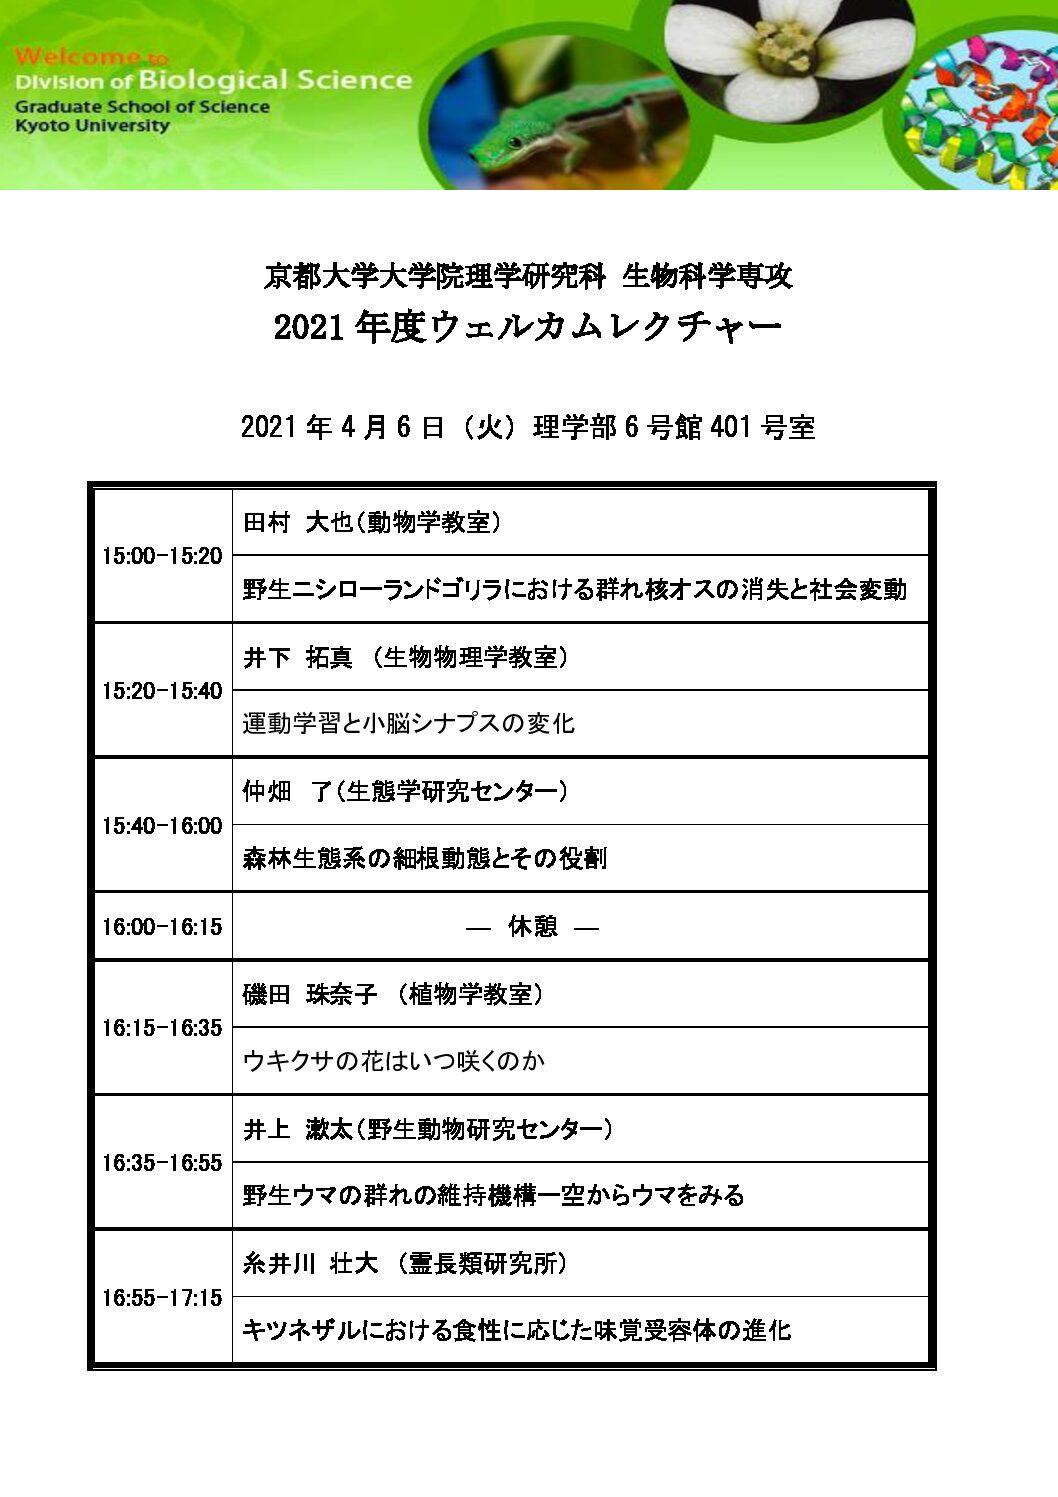 2021ウェルカムレクチャープログラム_ 210316-2 (1)